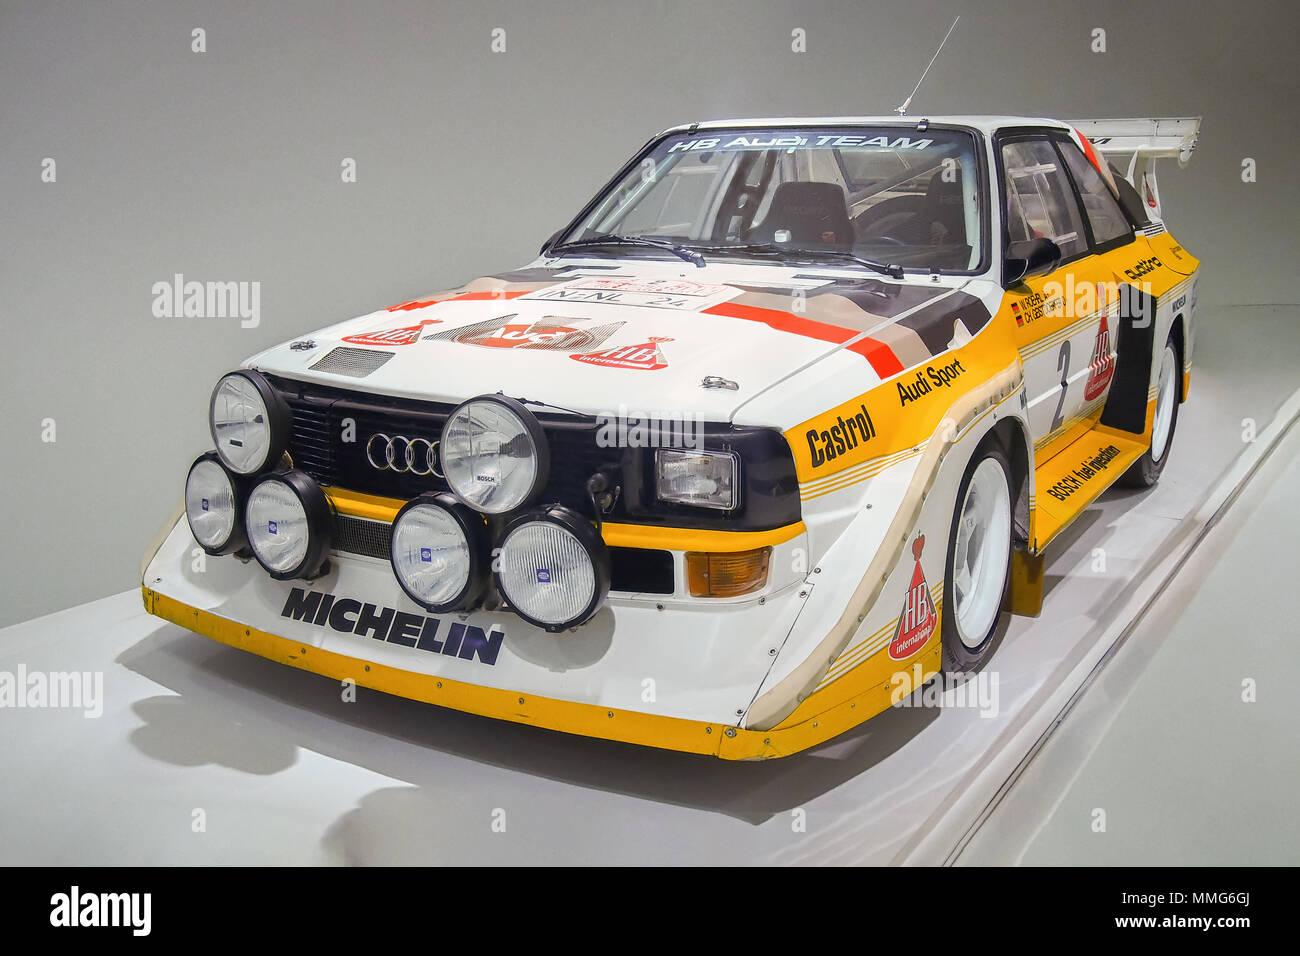 Audi Group B Car Stock Photos Audi Group B Car Stock Images Alamy - Walter audi